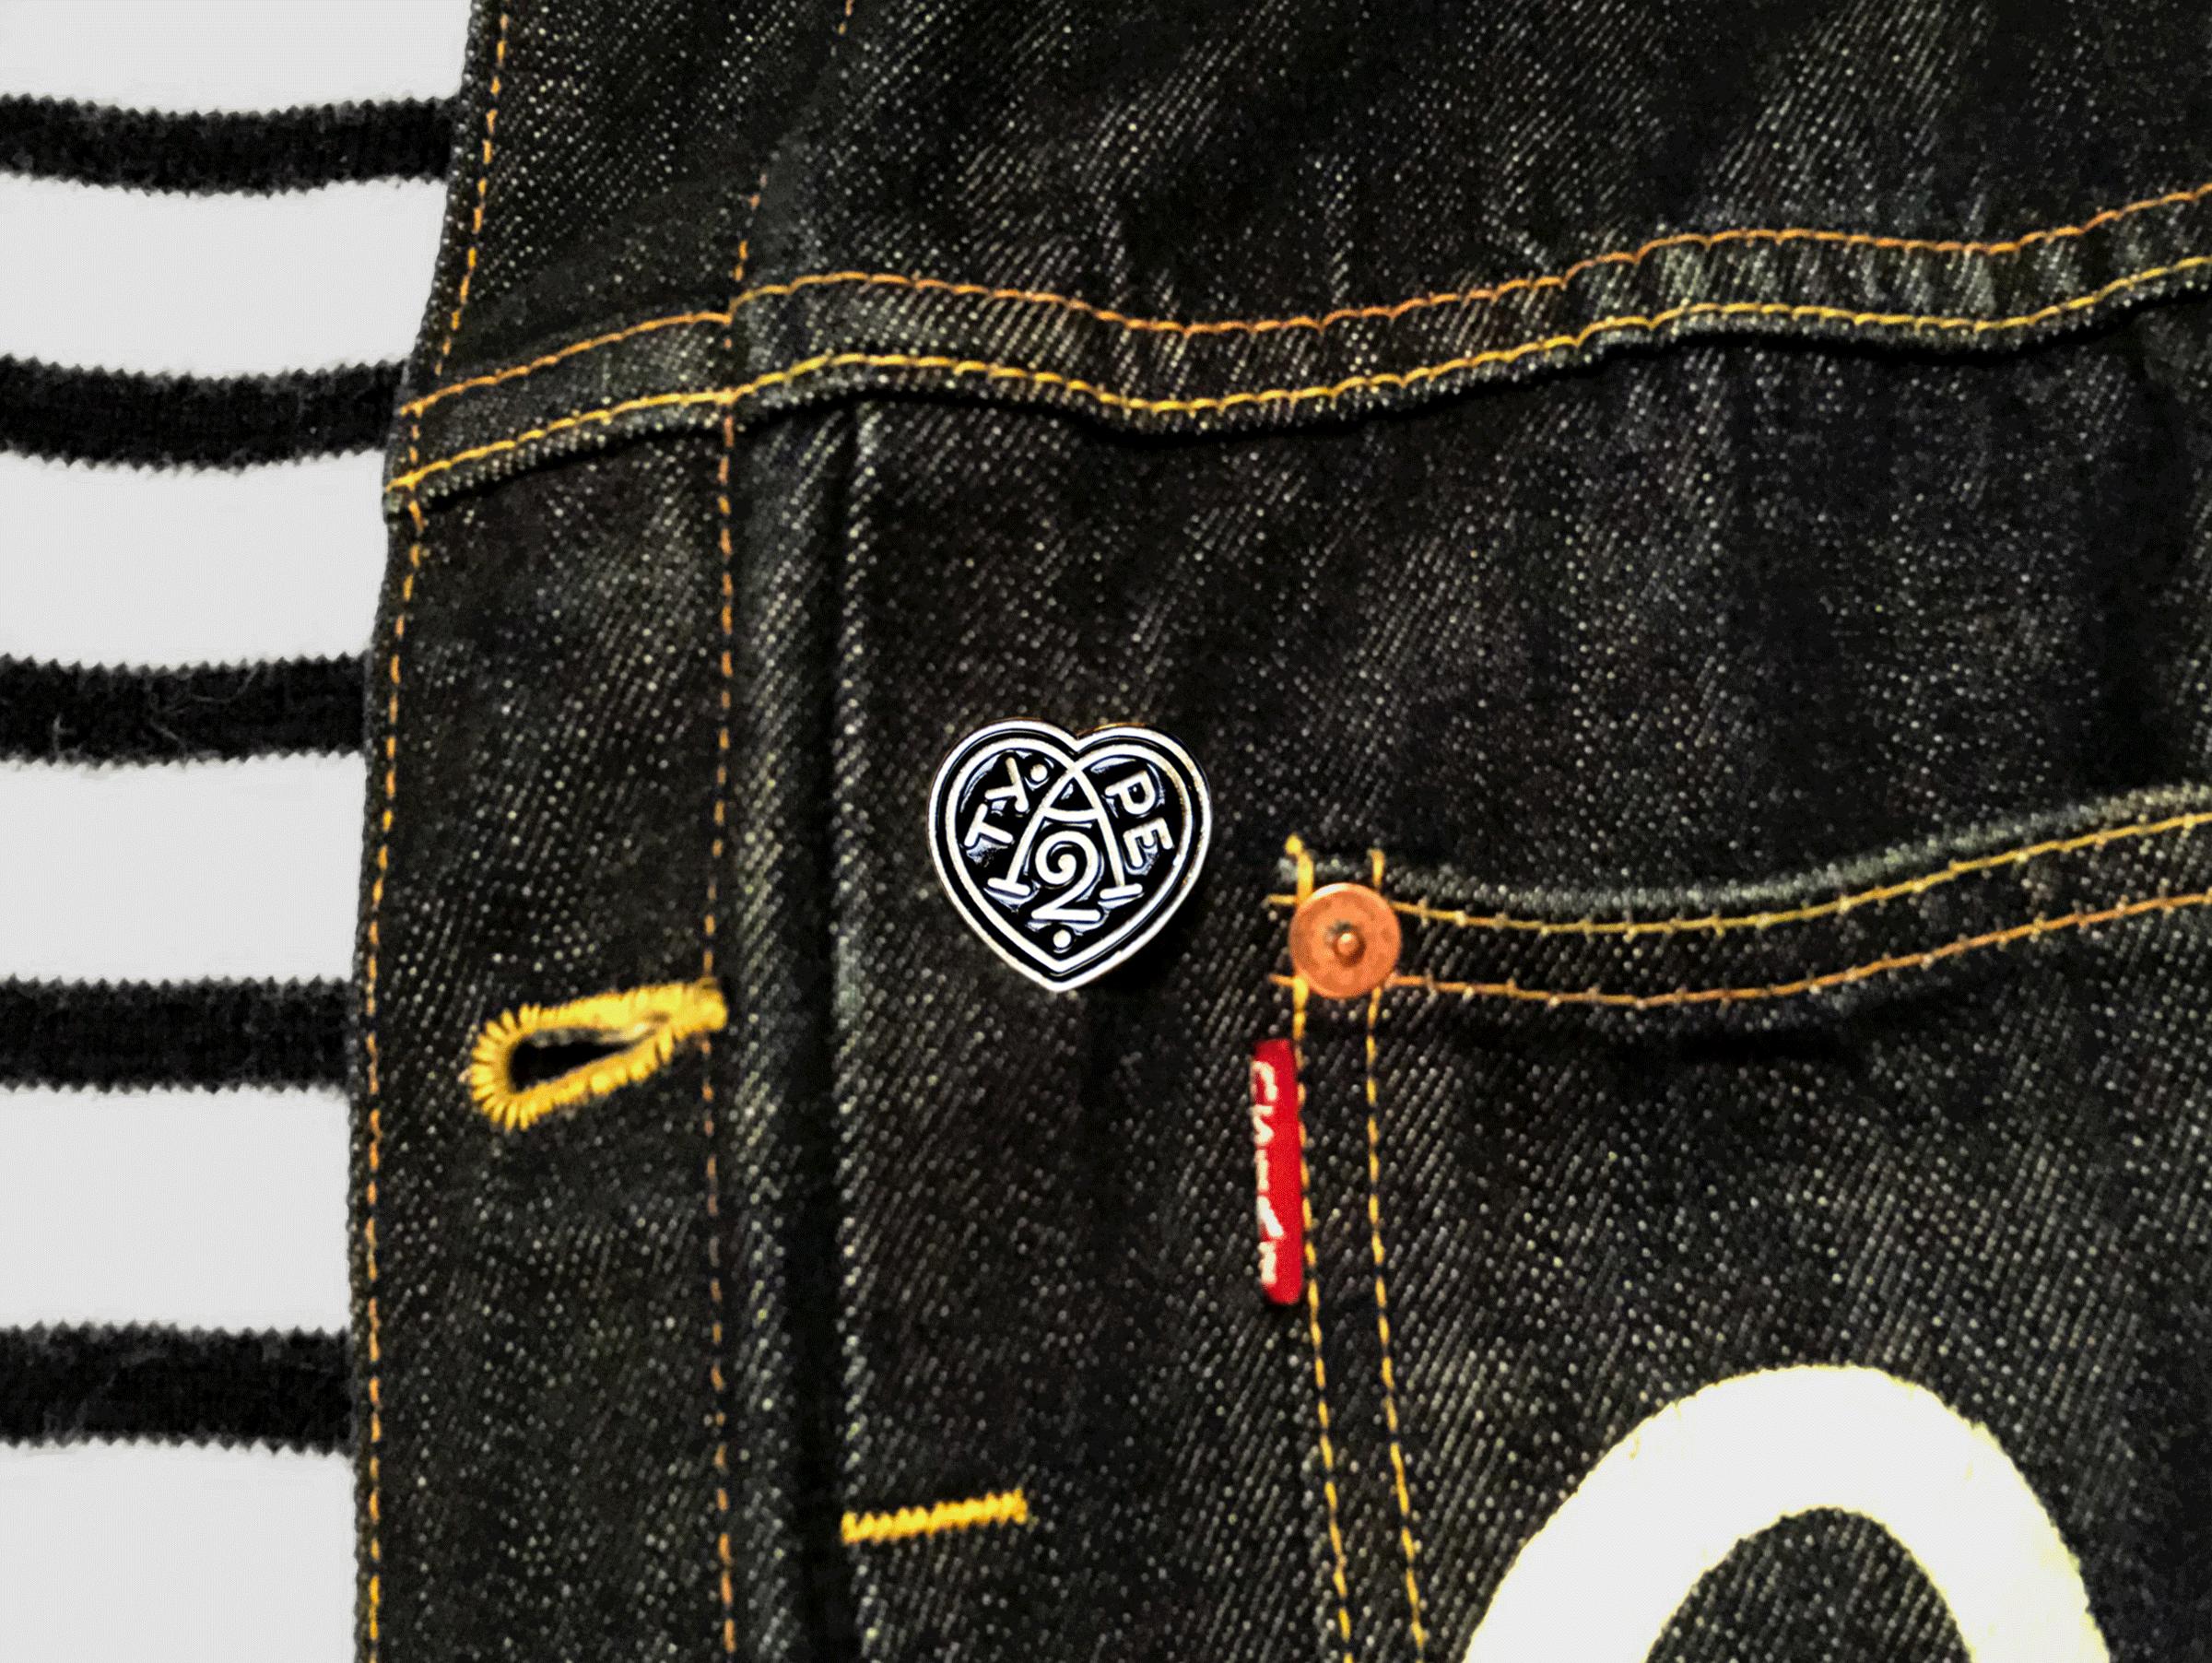 Pins sample